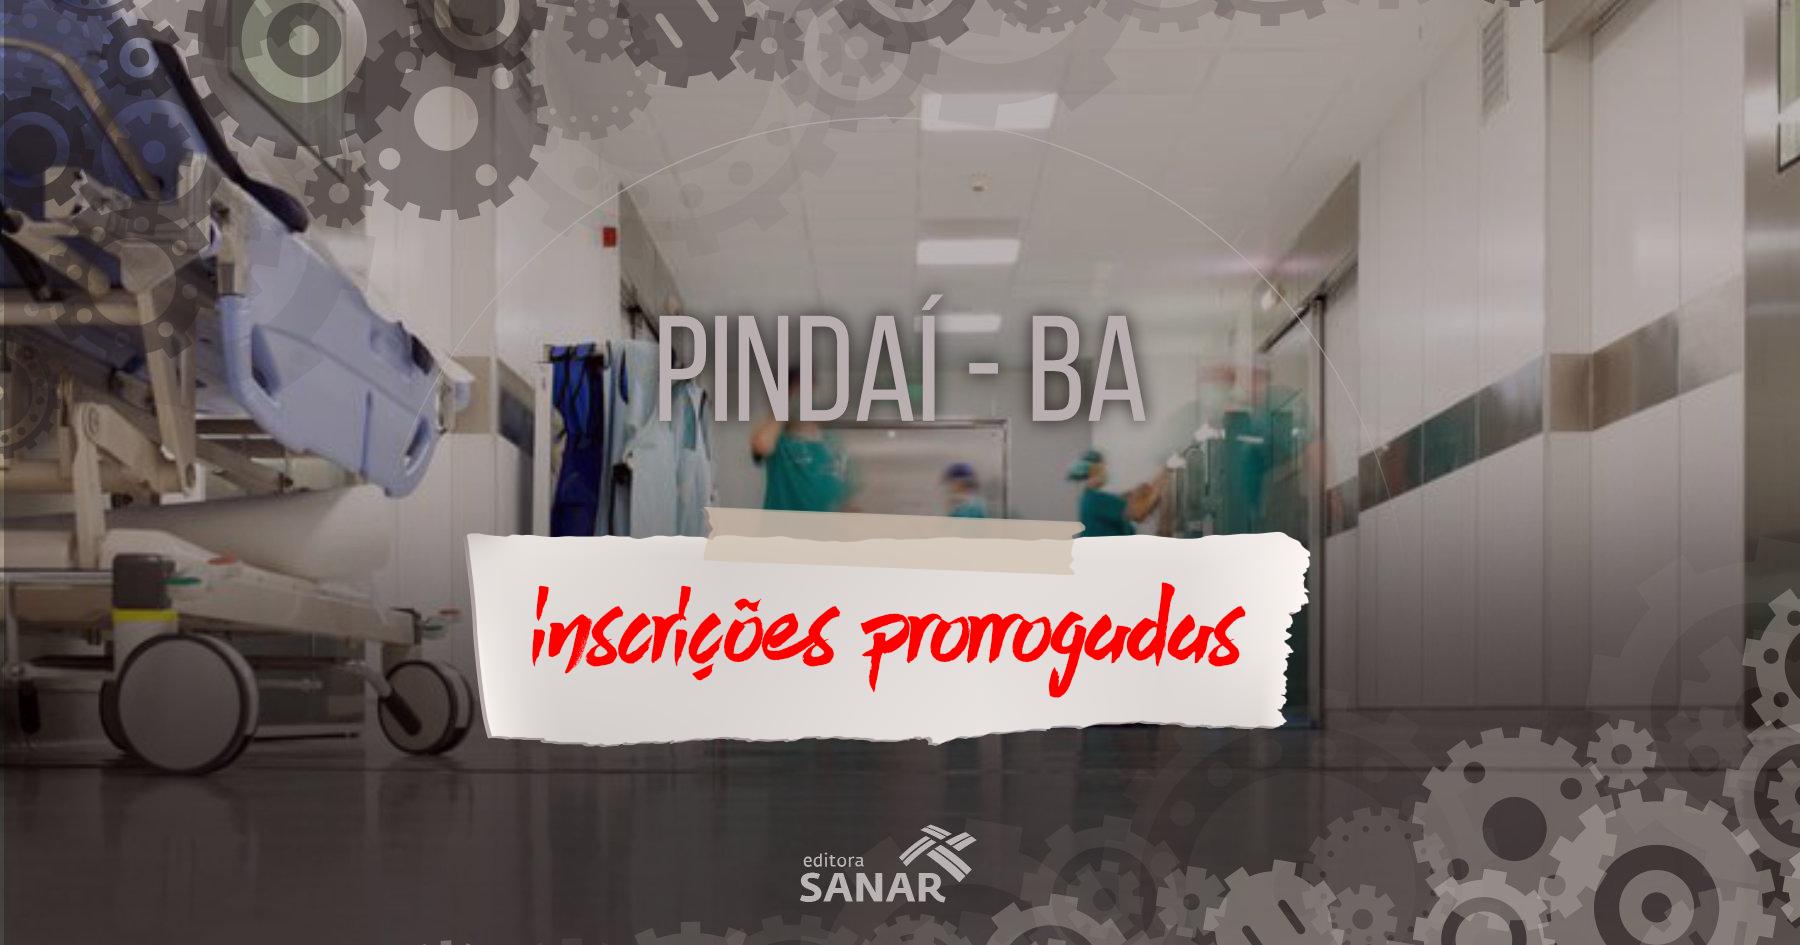 Concurso: Pindaí (BA) inscreve até 25/07